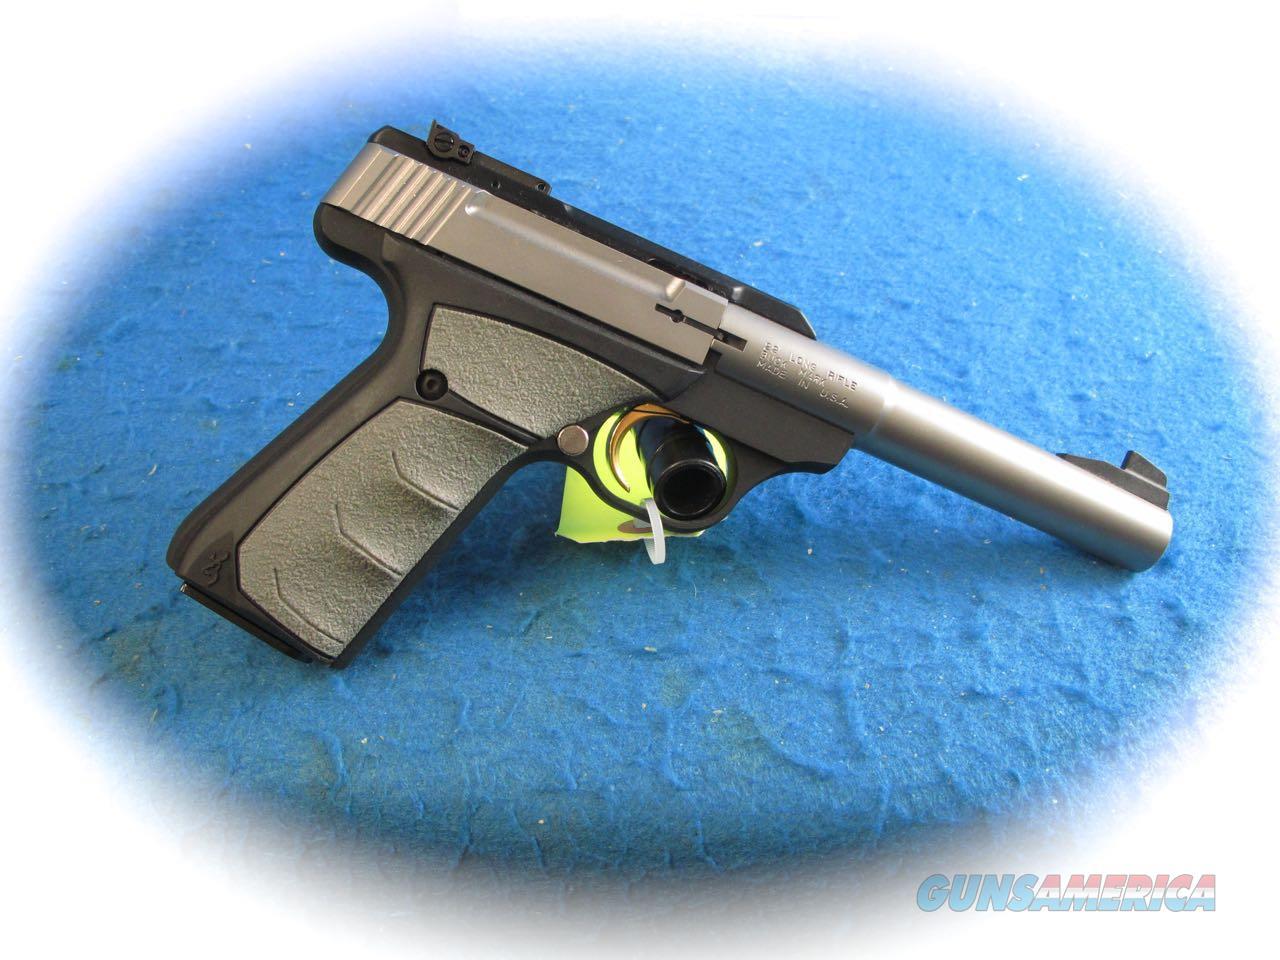 Browning Buck Mark Camper .22 LR Semi Auto Pistol Model 051483490 **New**  Guns > Pistols > Browning Pistols > Buckmark